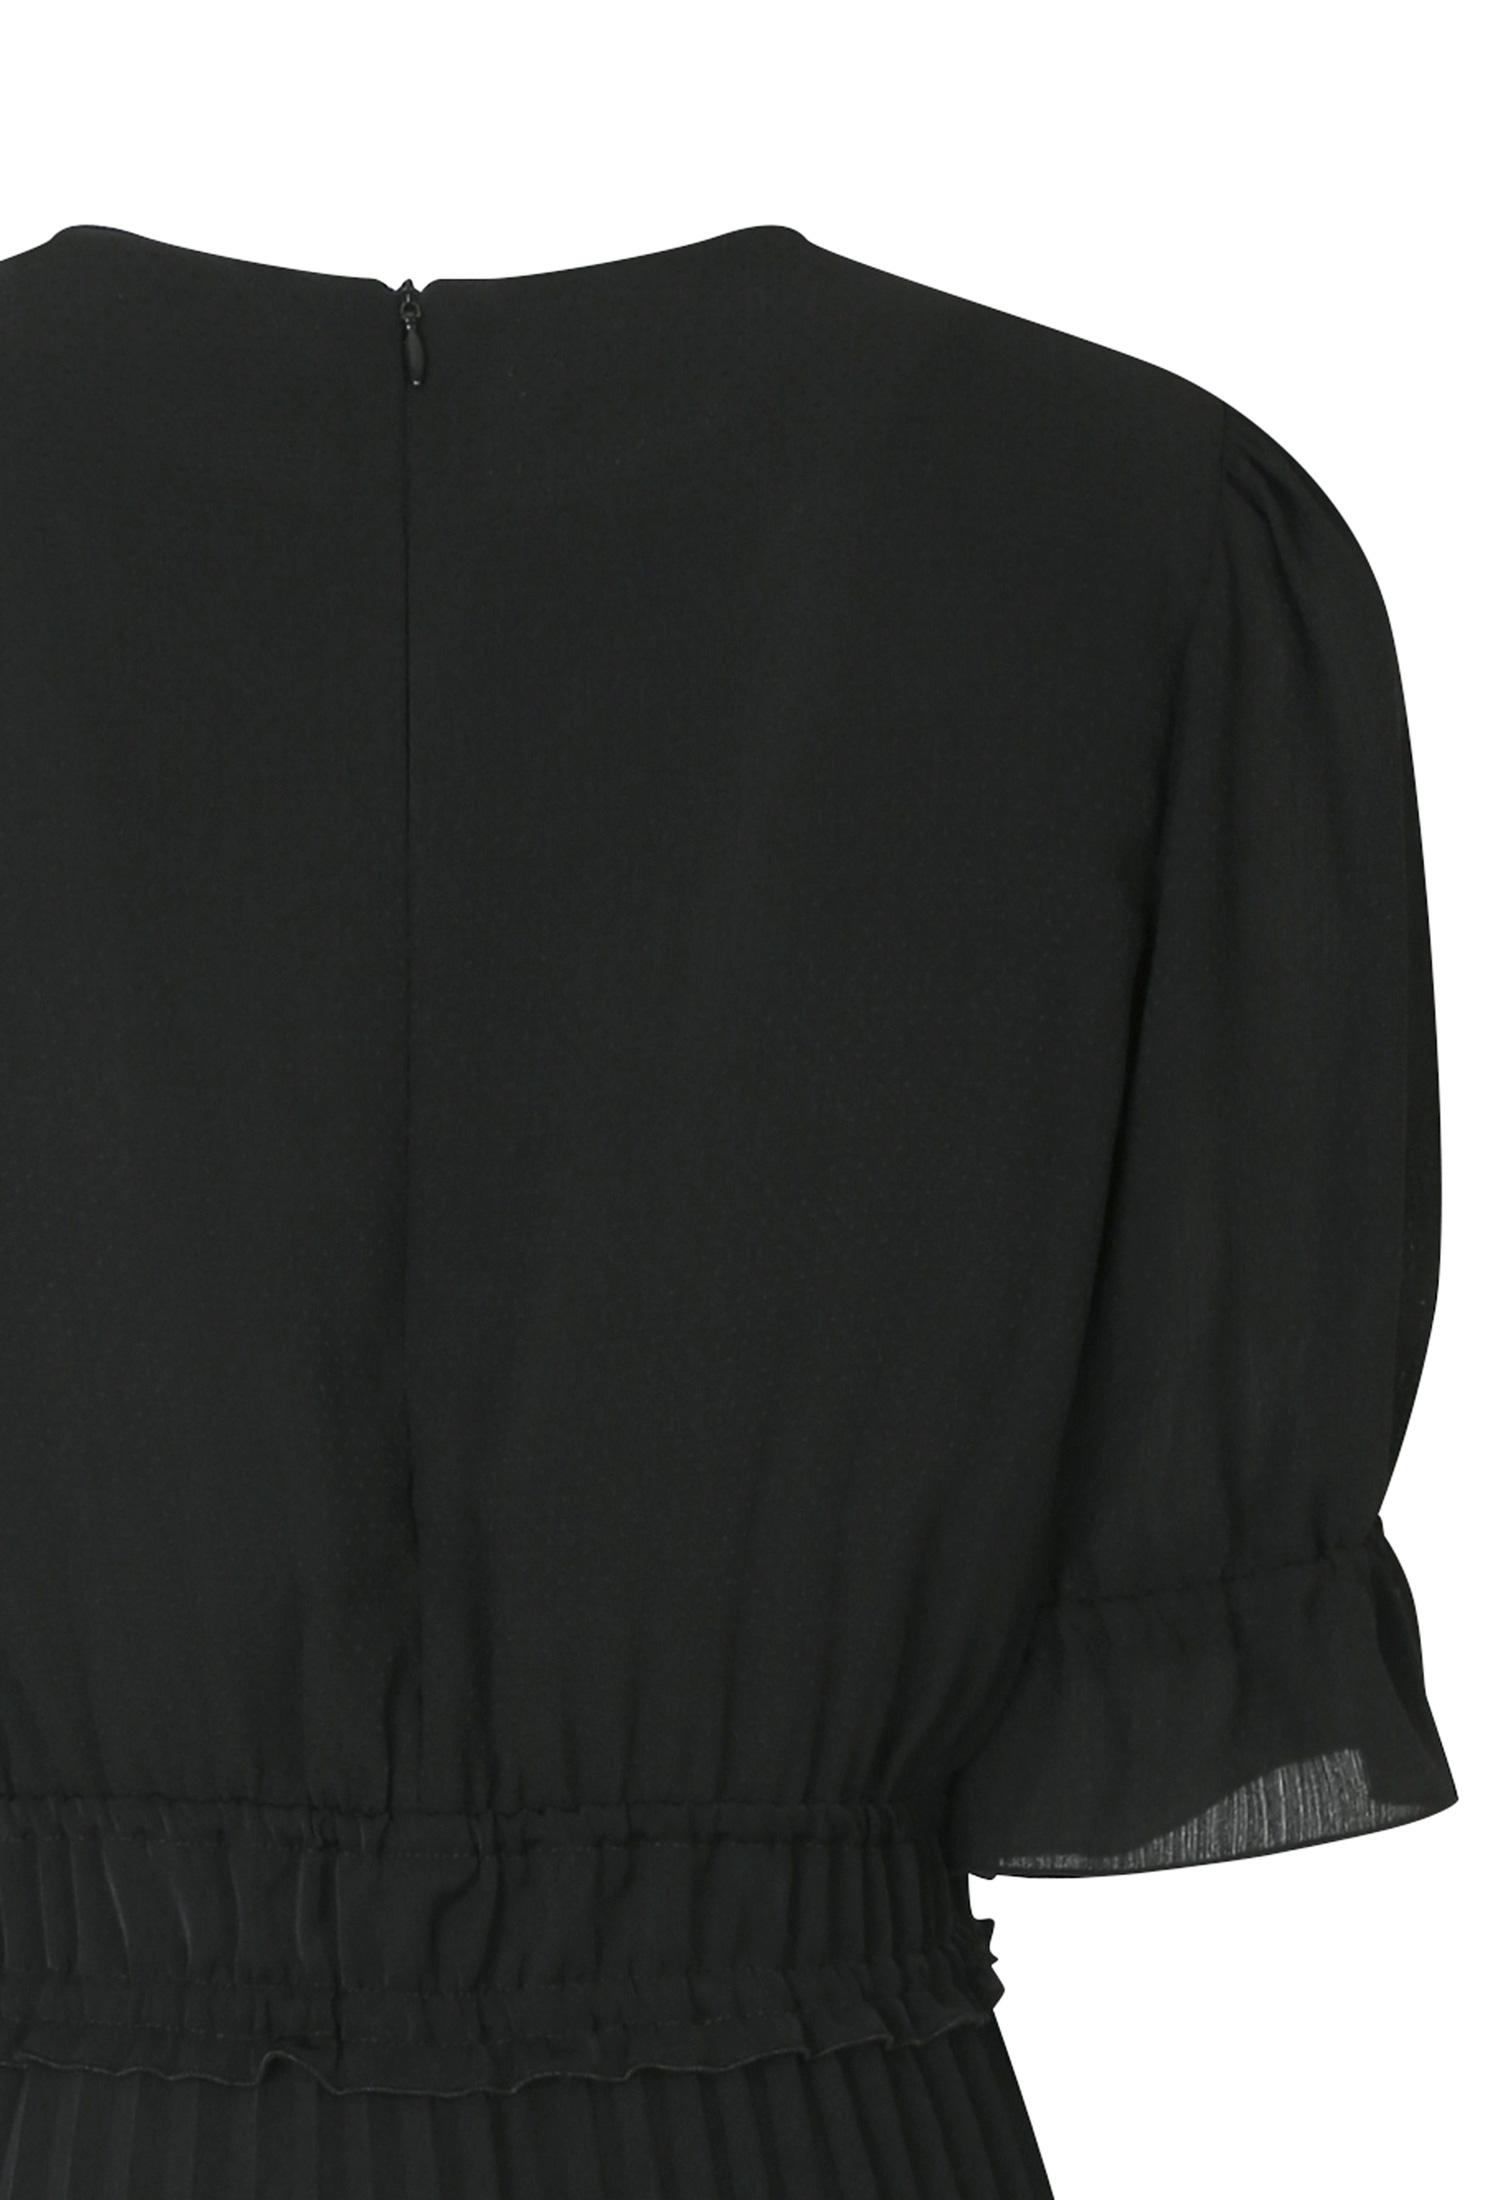 프릴 밴딩 플리츠 배색 원피스 (BLACK)